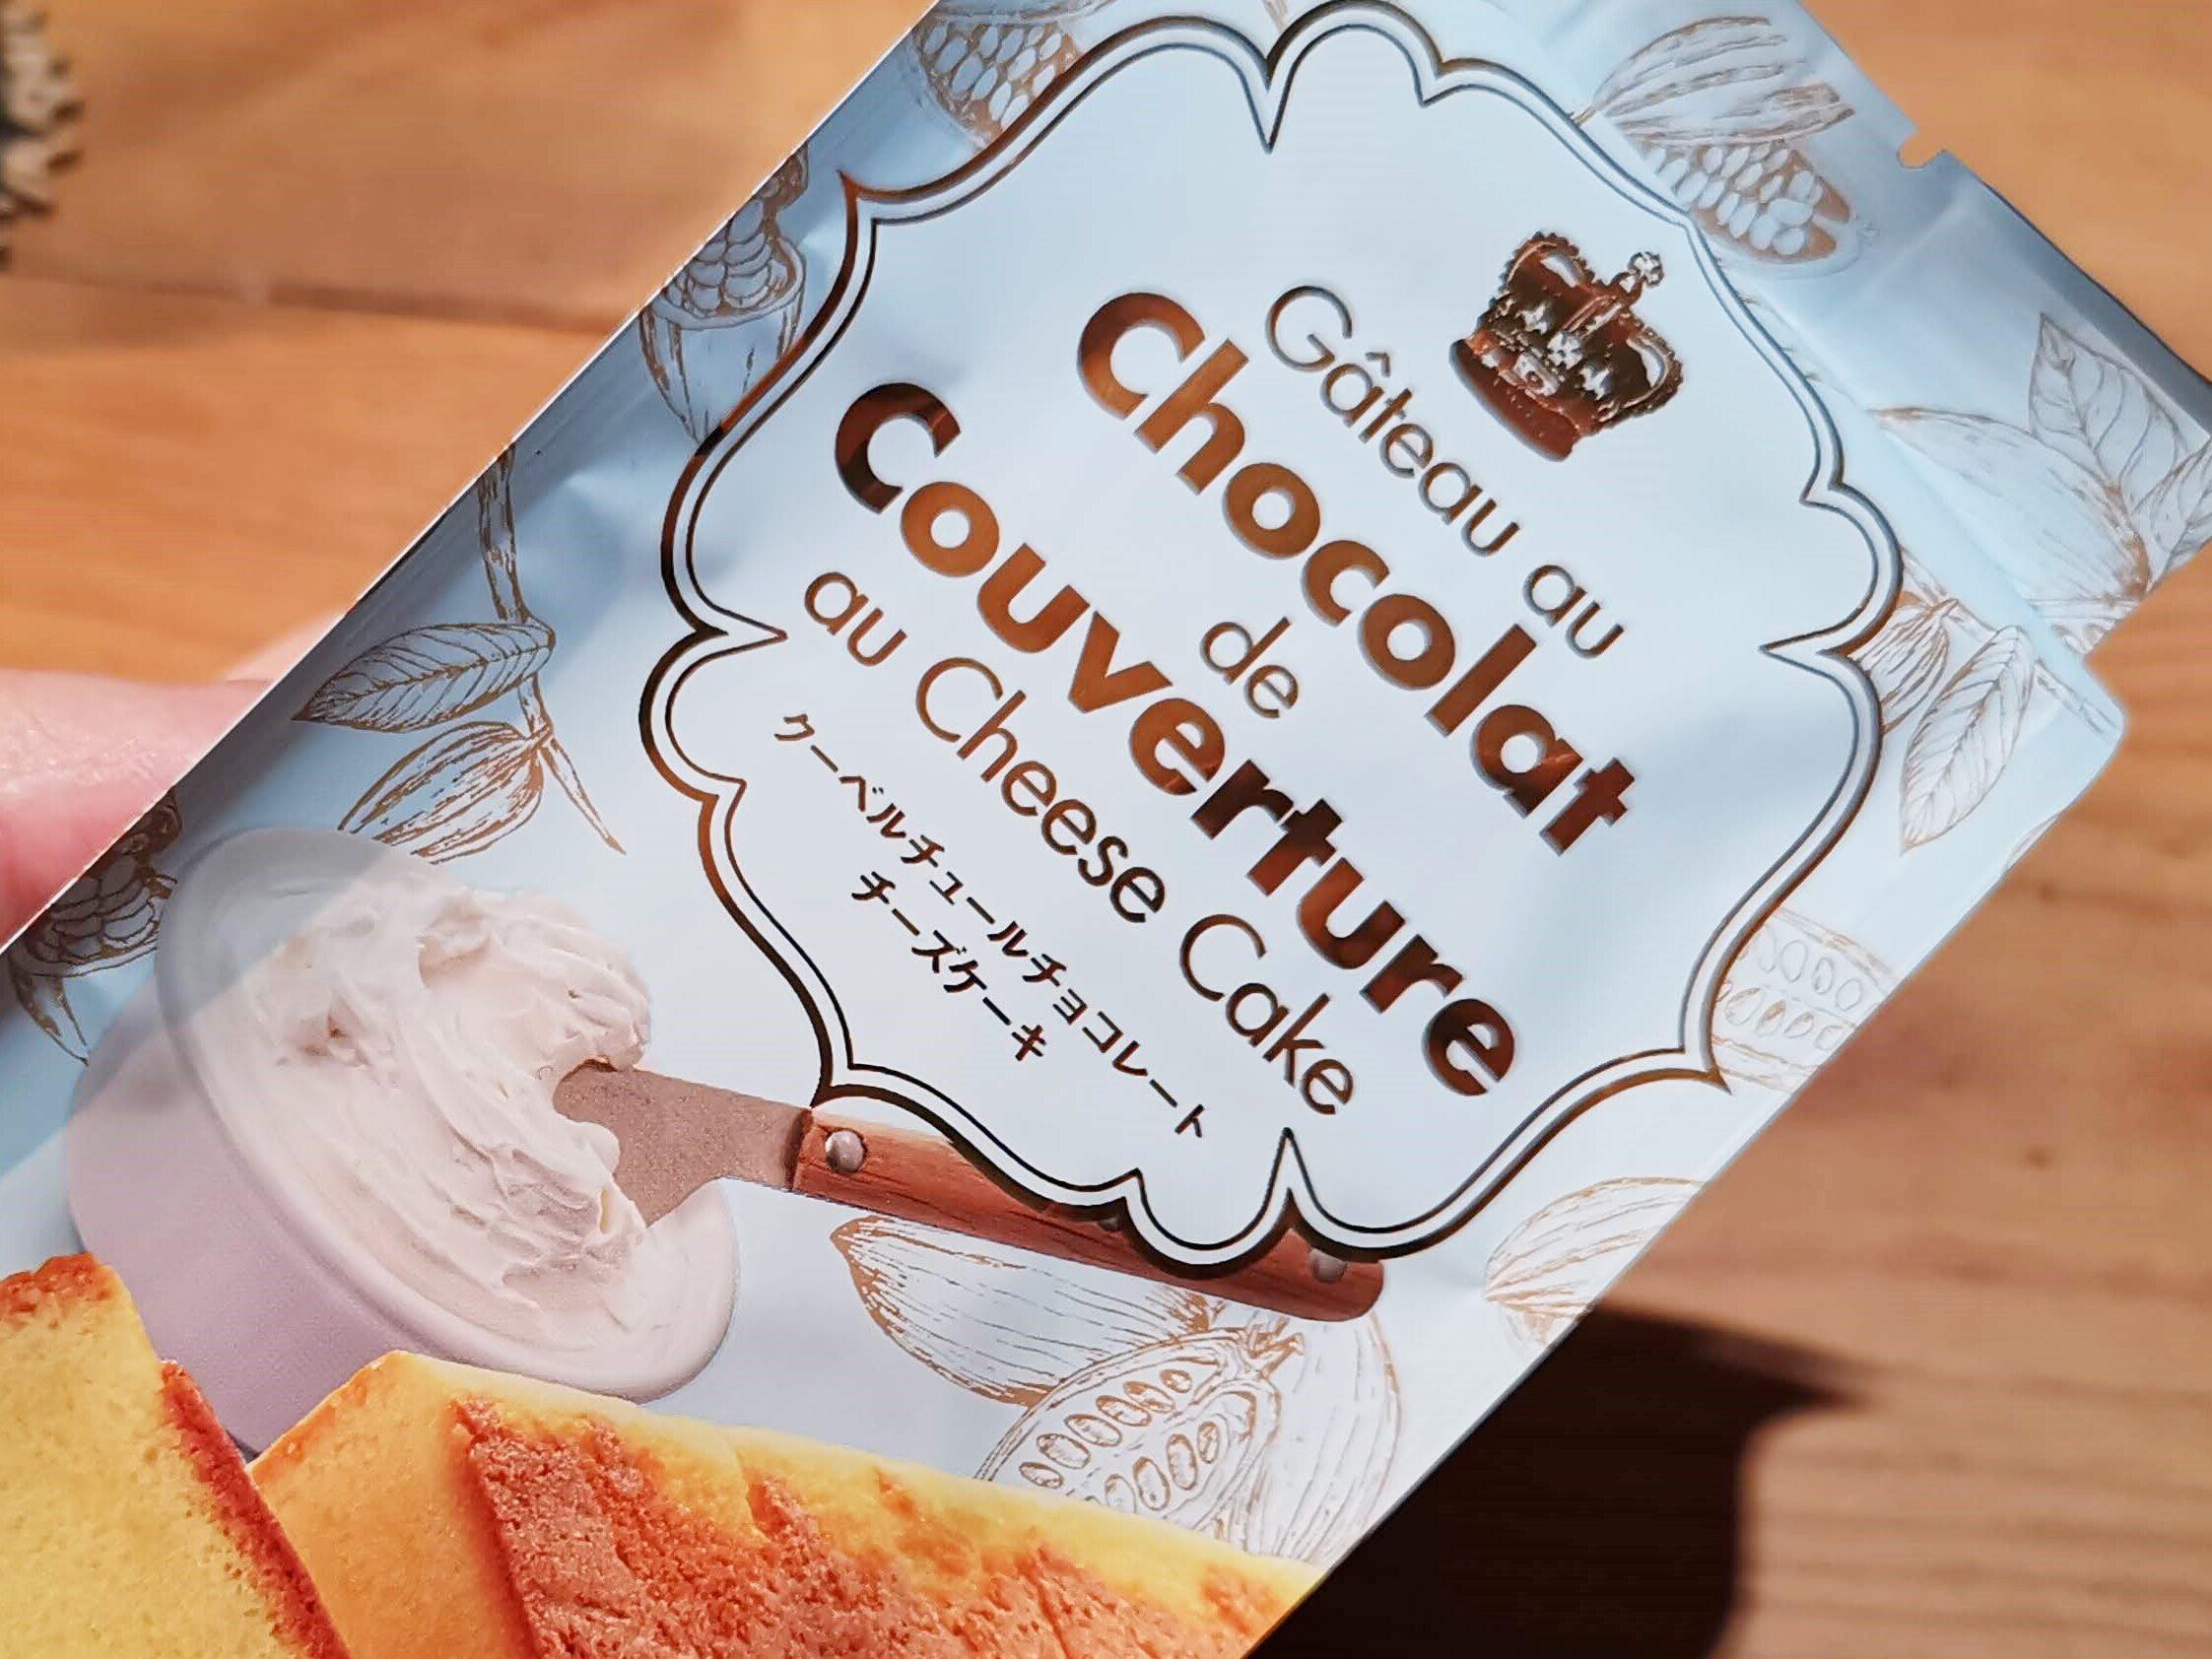 カルディで購入・クーベルチュールチョコレートチーズケーキの写真 (7)